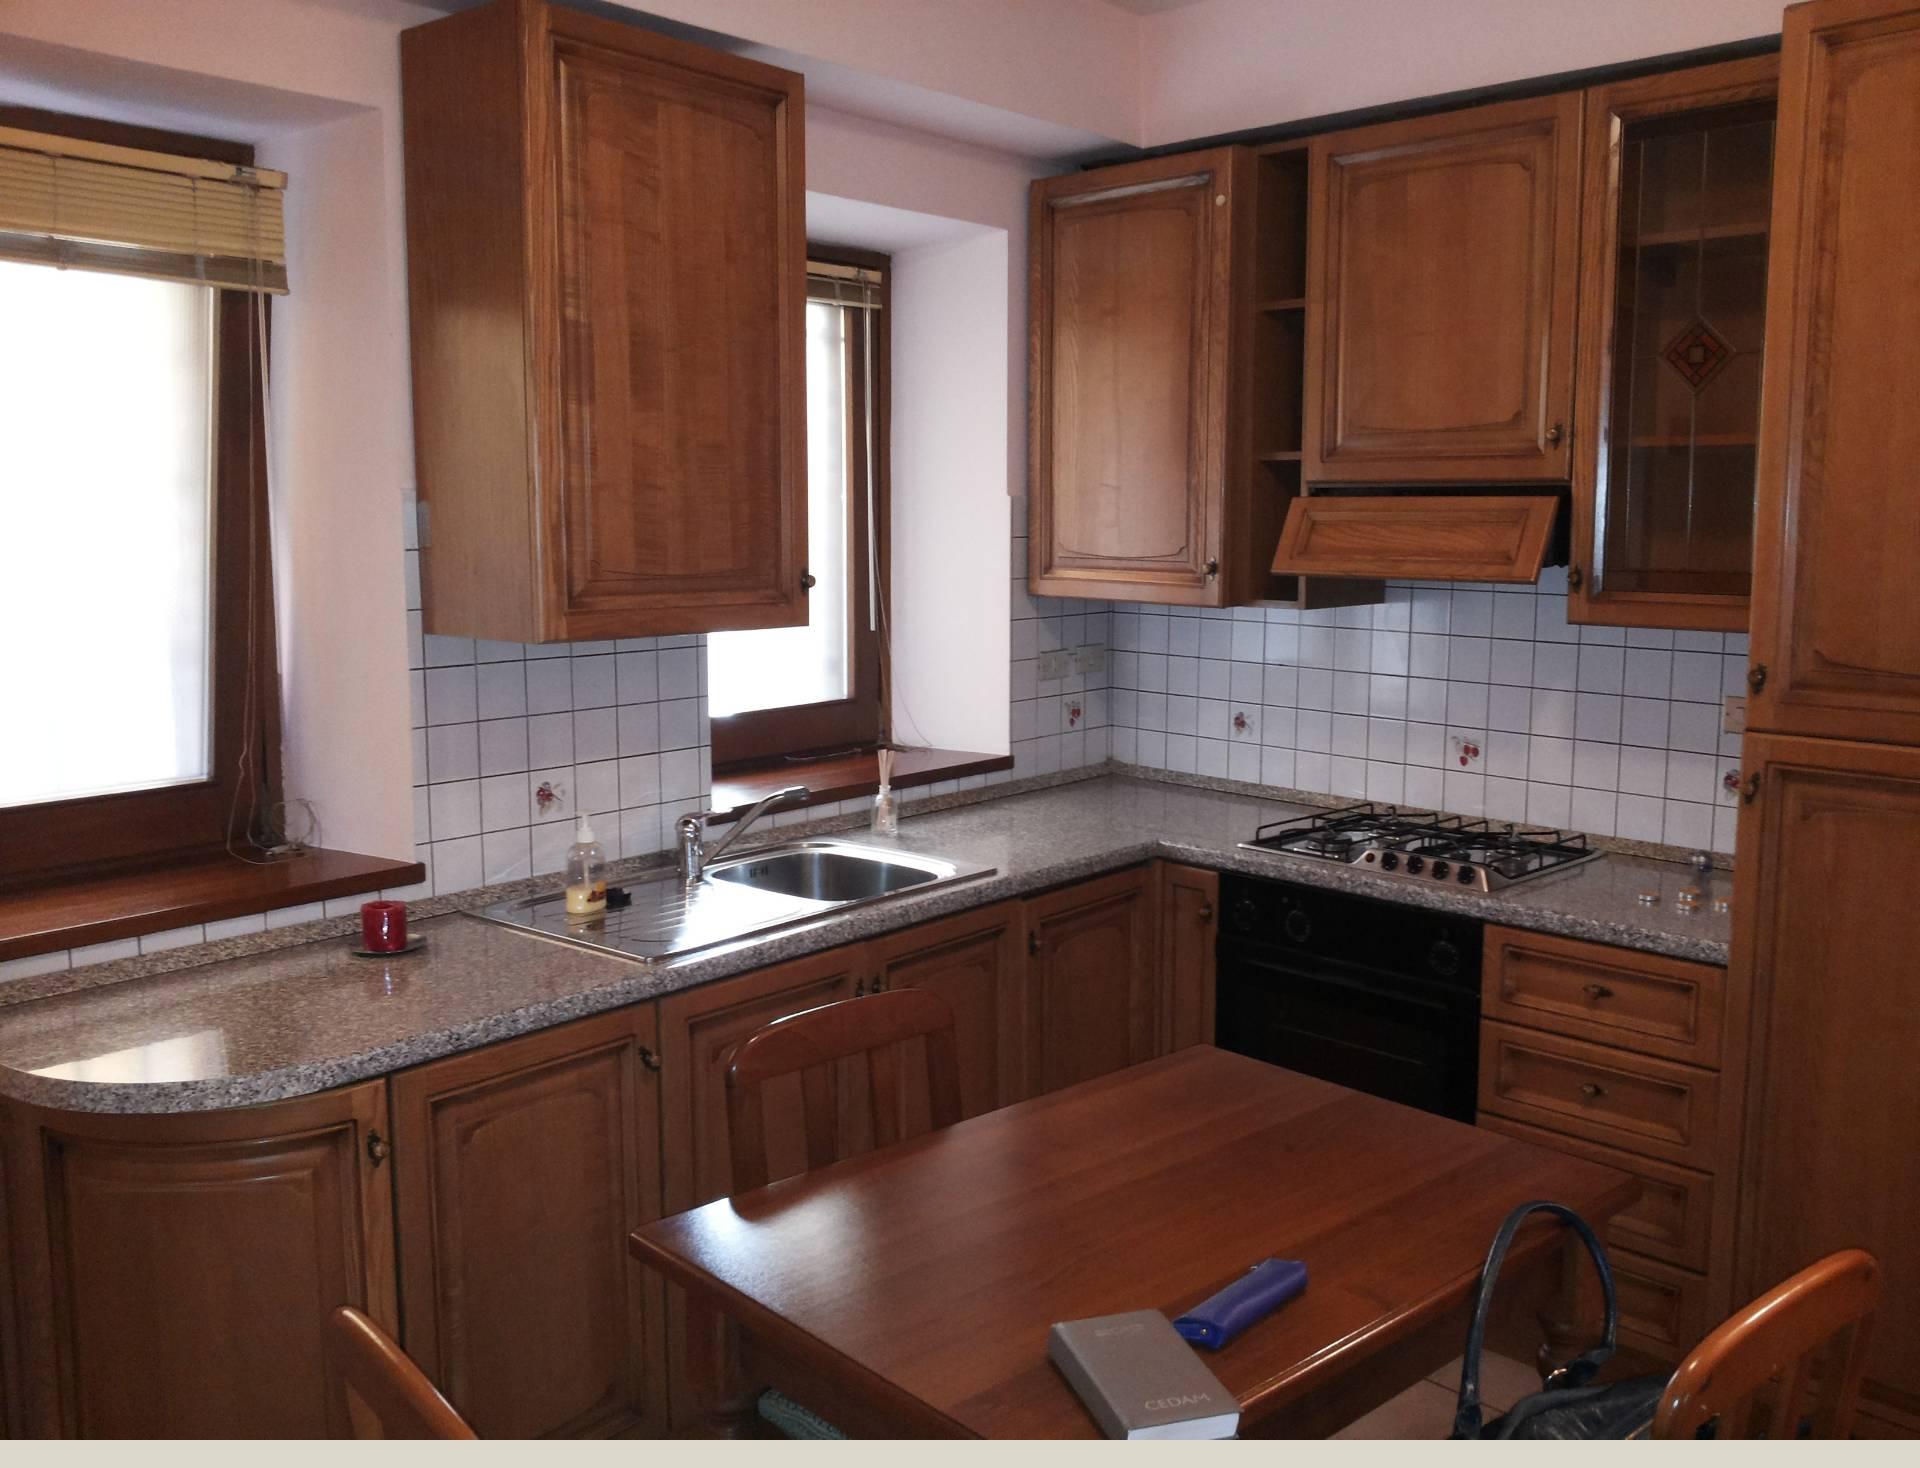 Appartamento in affitto a Macerata, 3 locali, zona Località: Centrostorico, prezzo € 400 | Cambio Casa.it